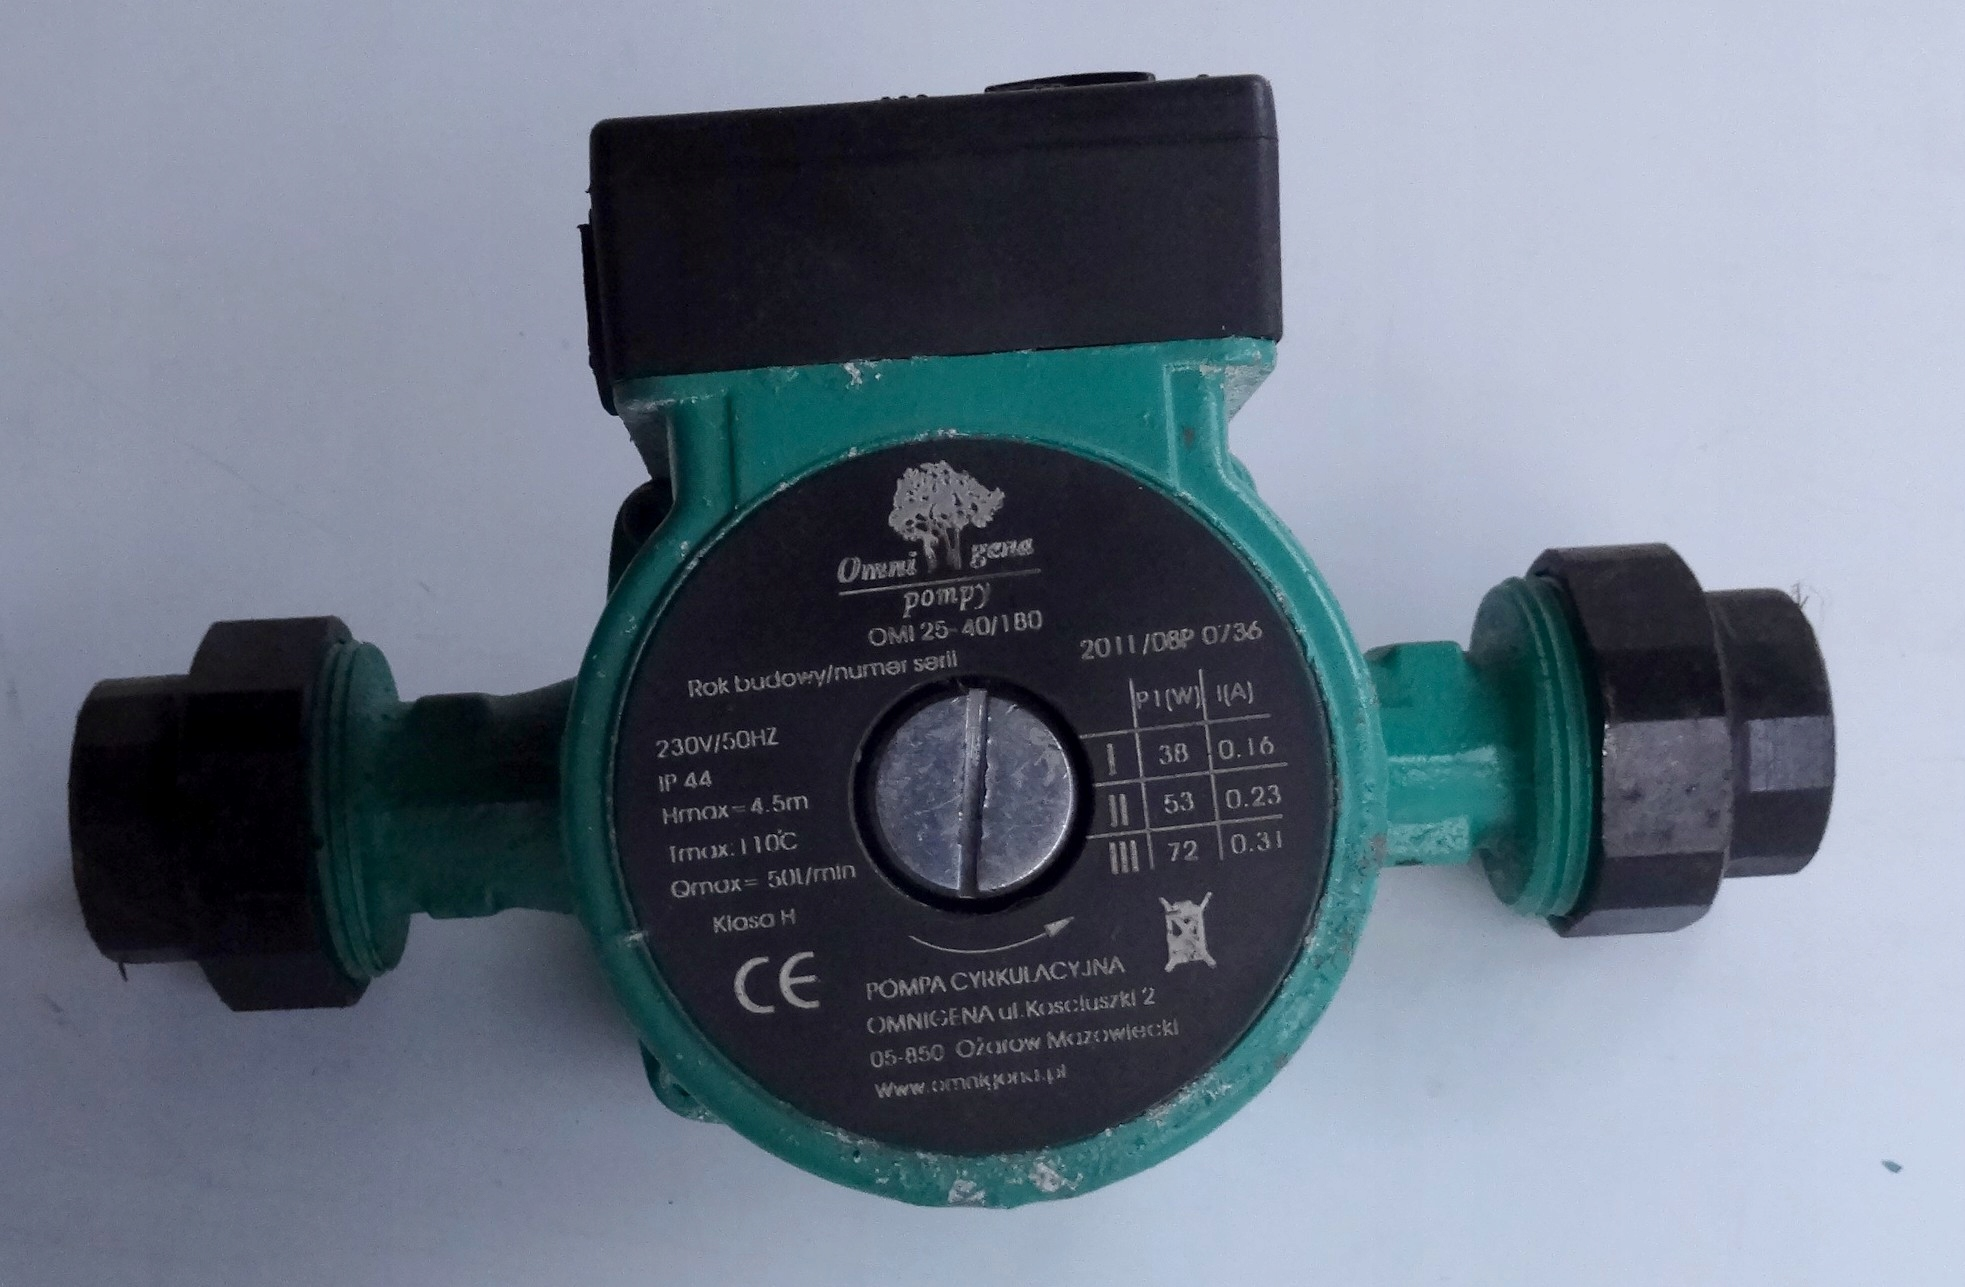 Pompa obiegowa do instalacji CO OMI 25-40/180